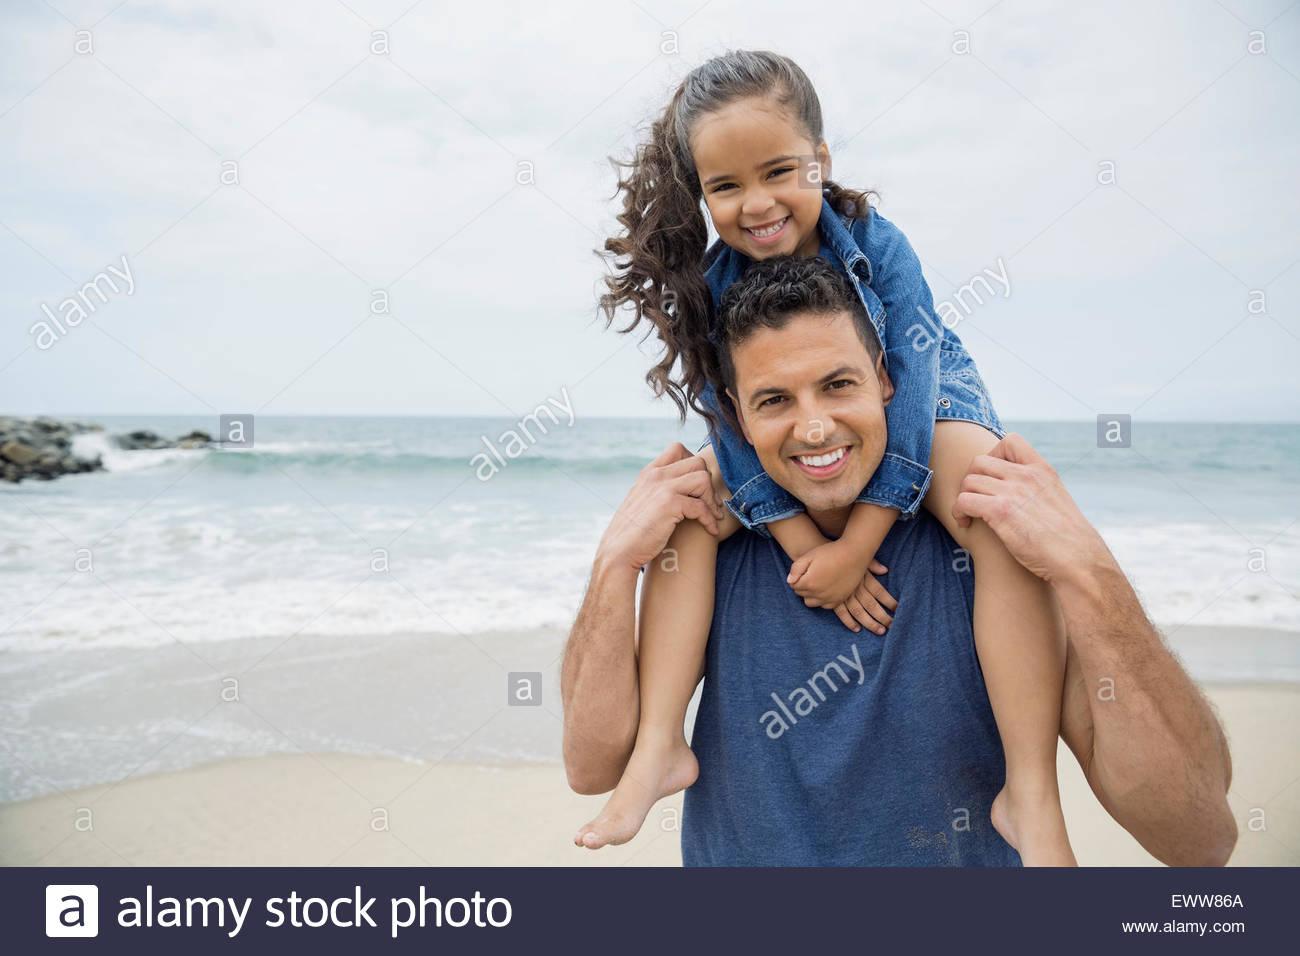 Ritratto sorridente padre figlia che porta sulle spalle beach Immagini Stock